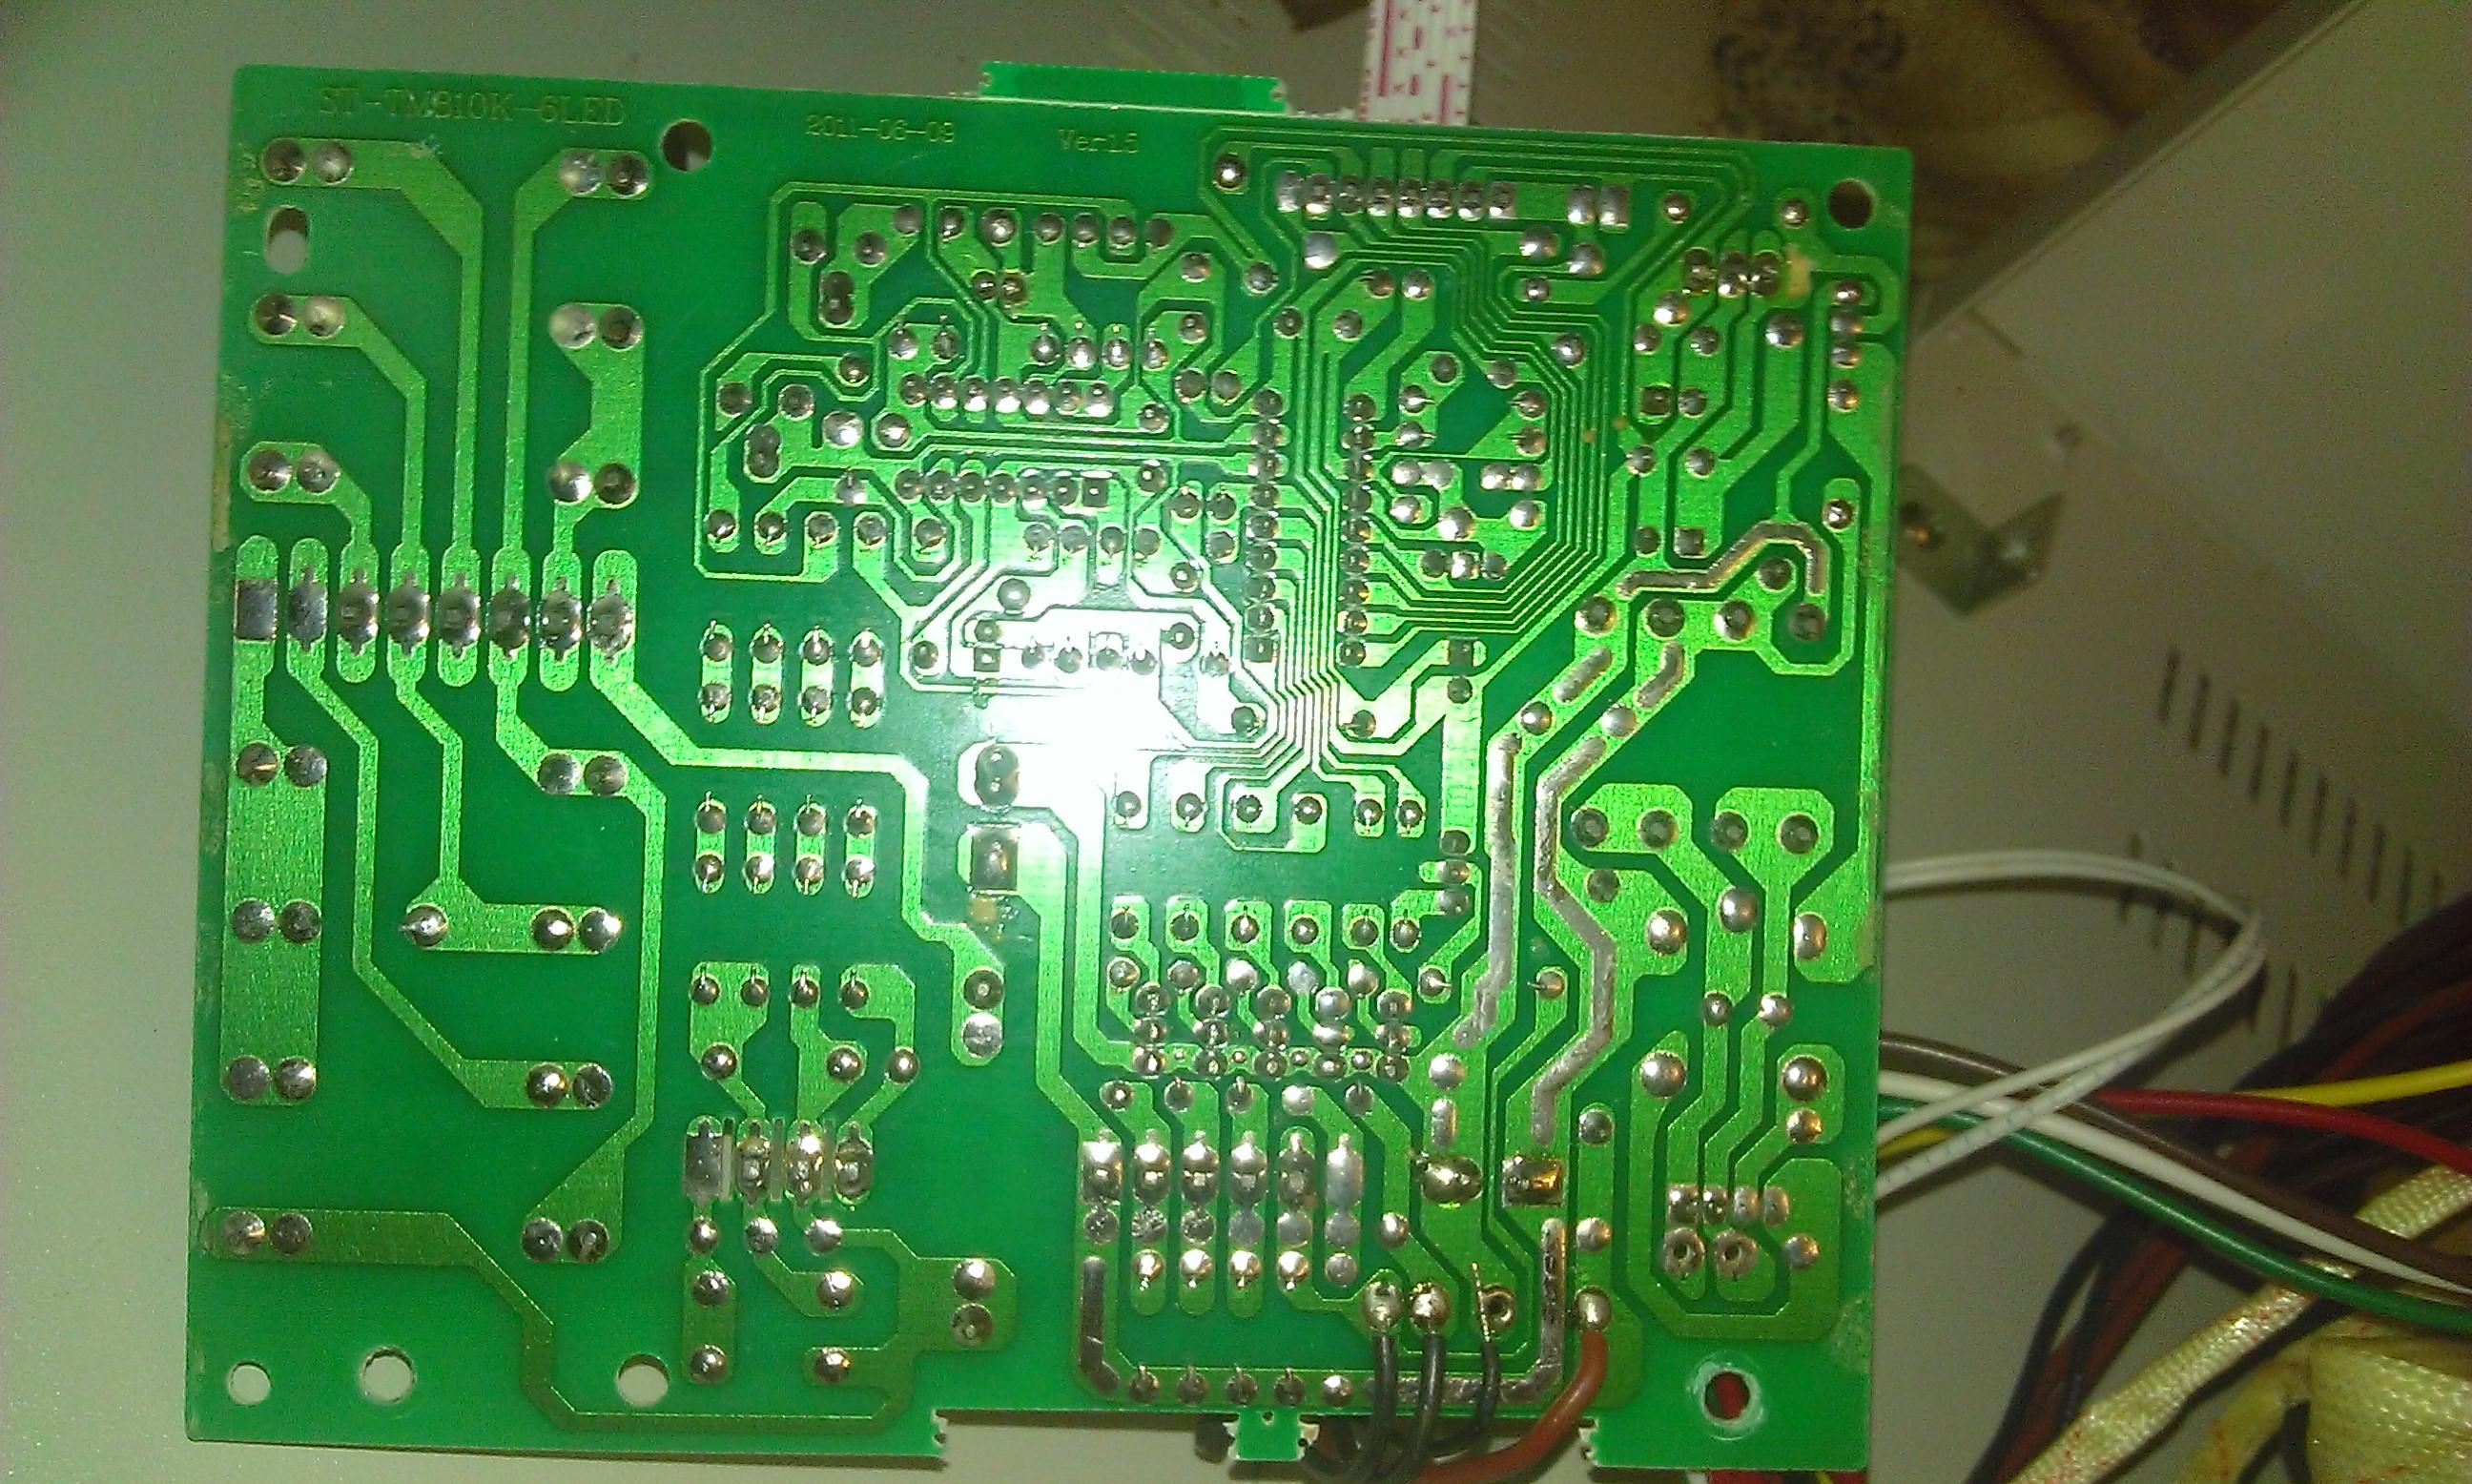 Стабилизатор напряжения АСН - основная плата контроллера со стороны монтажа